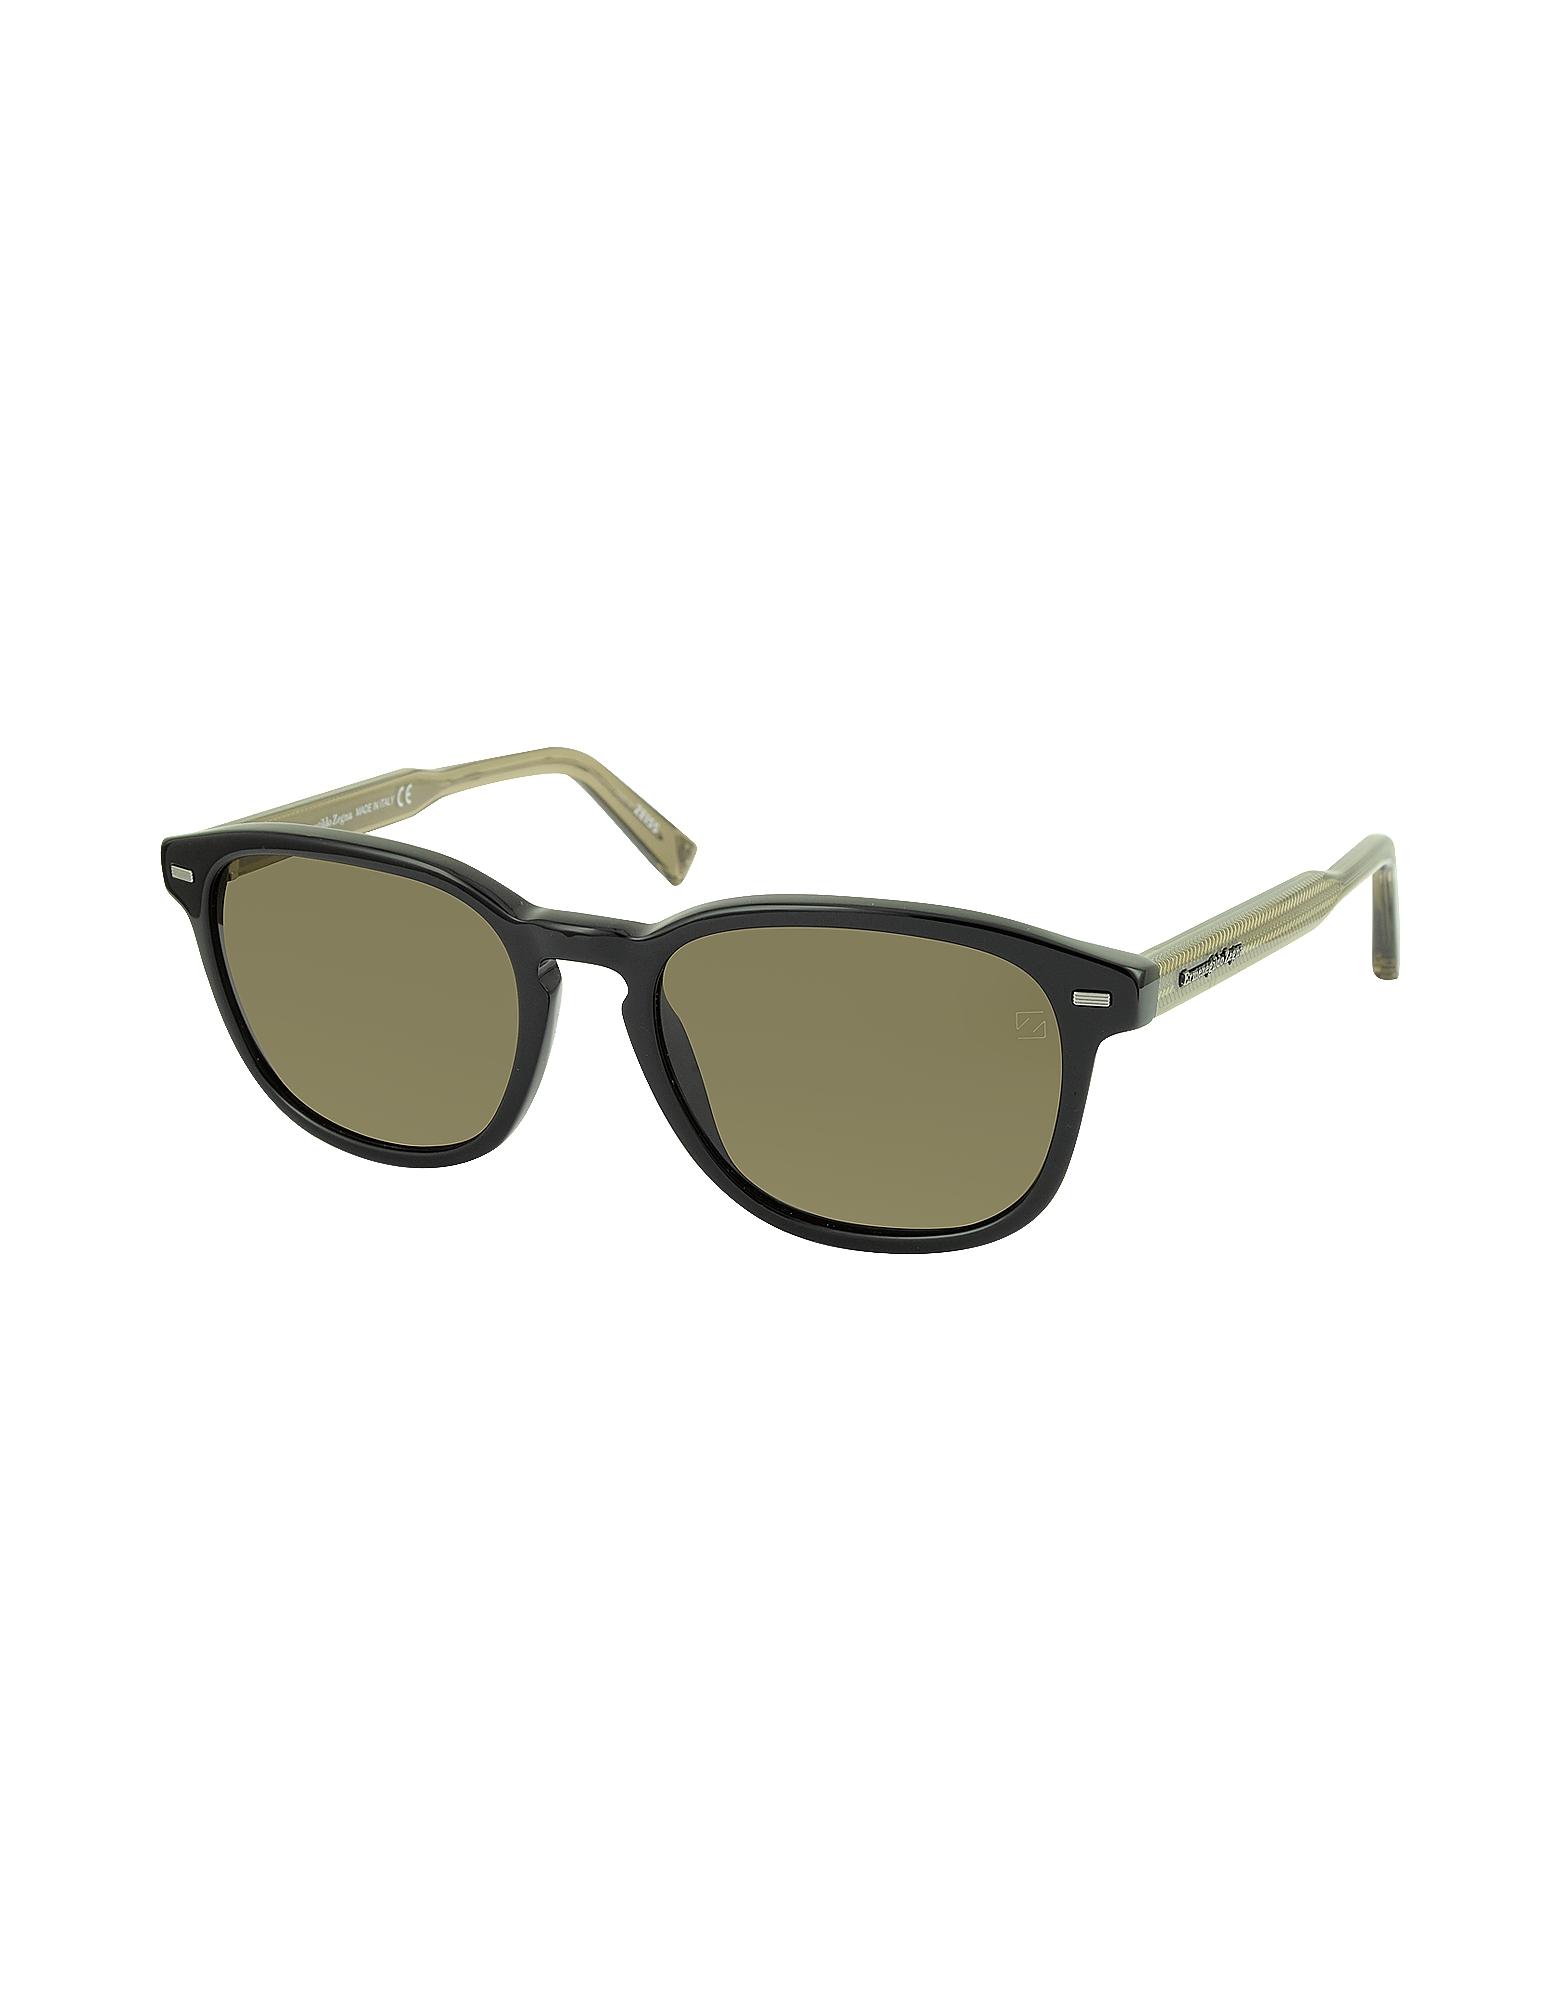 Фото EZ0005 01M - Черно-Коричневые Поляризованные Мужские Солнечные Очки в Оправе из Ацетата. Купить с доставкой